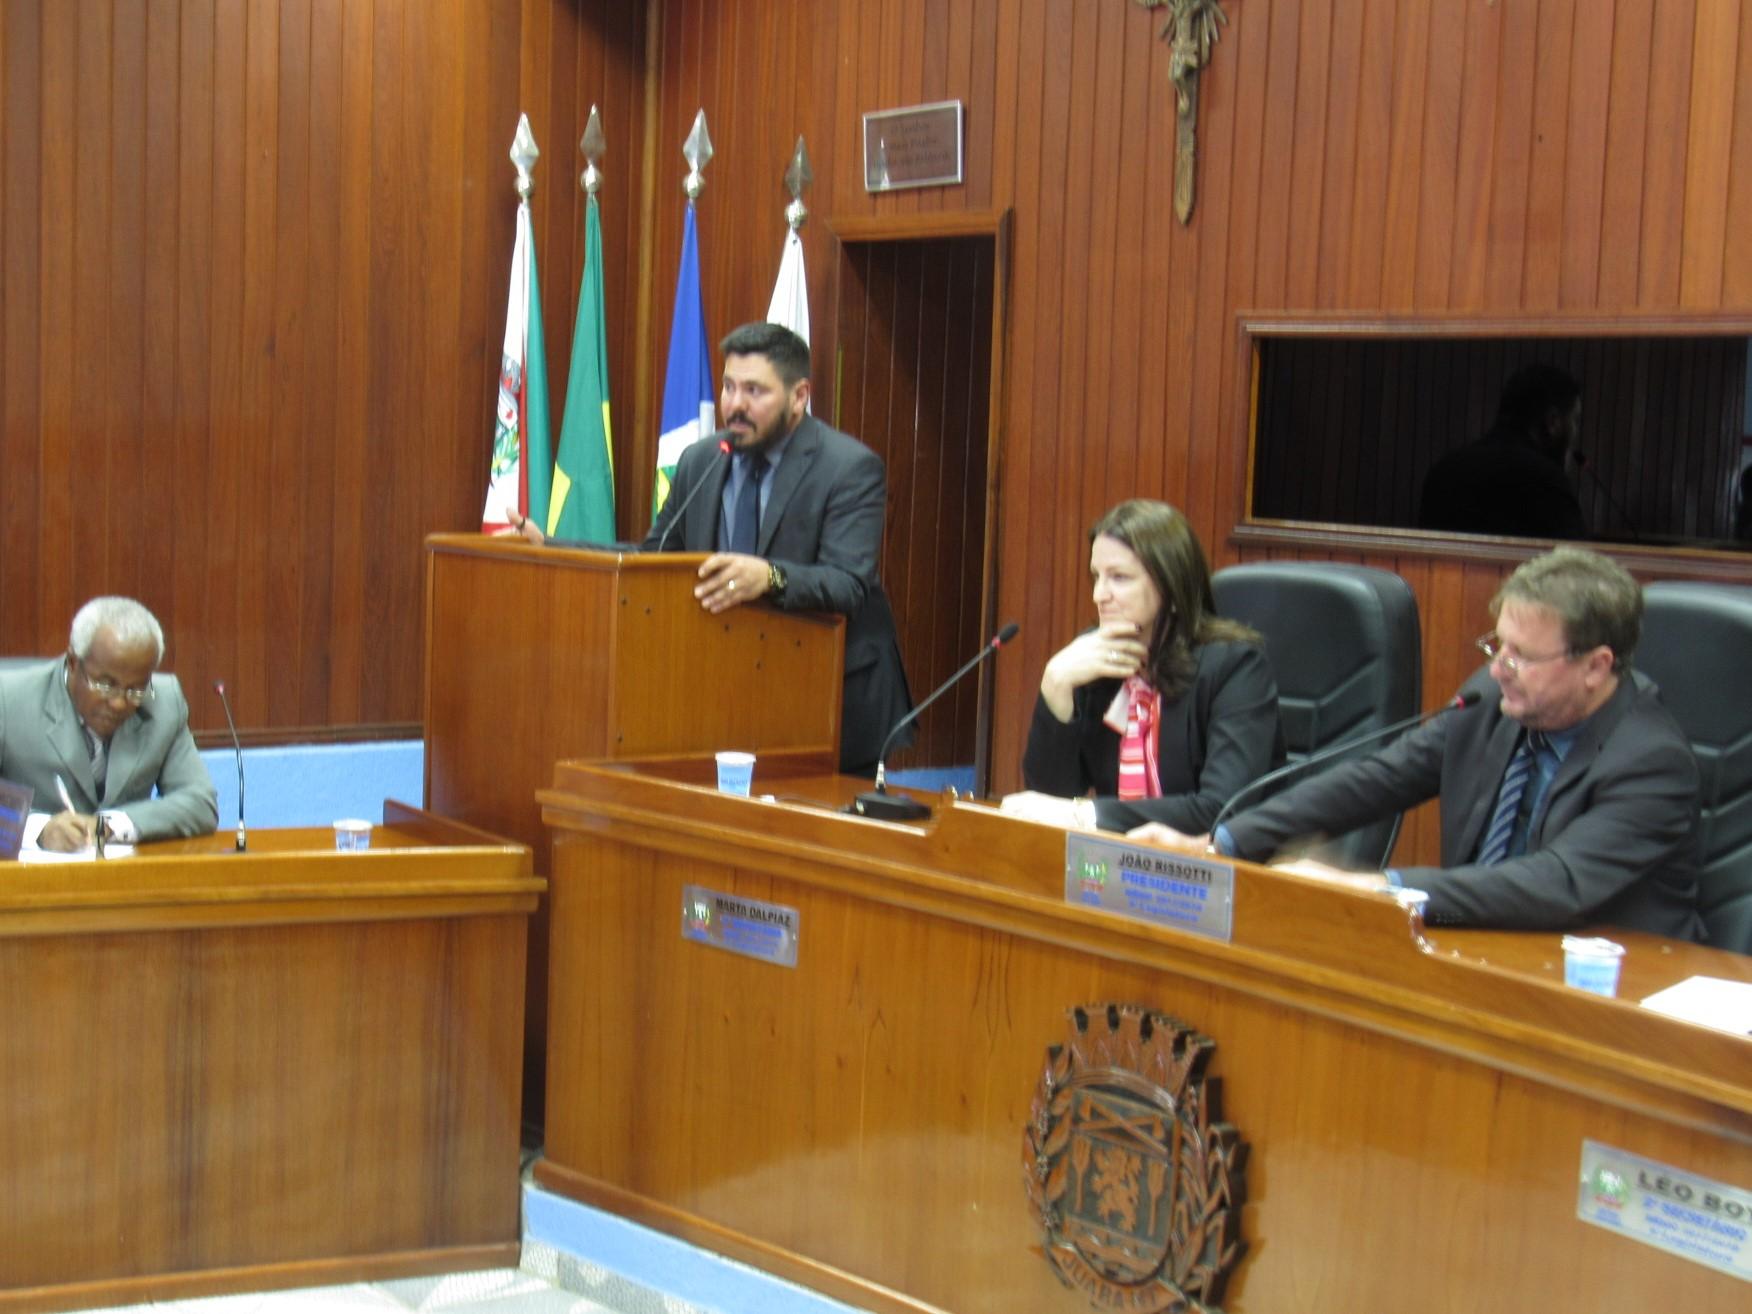 Prefeita de Juara solicita leitura na íntegra do processo que apura denúncias na sua administração.